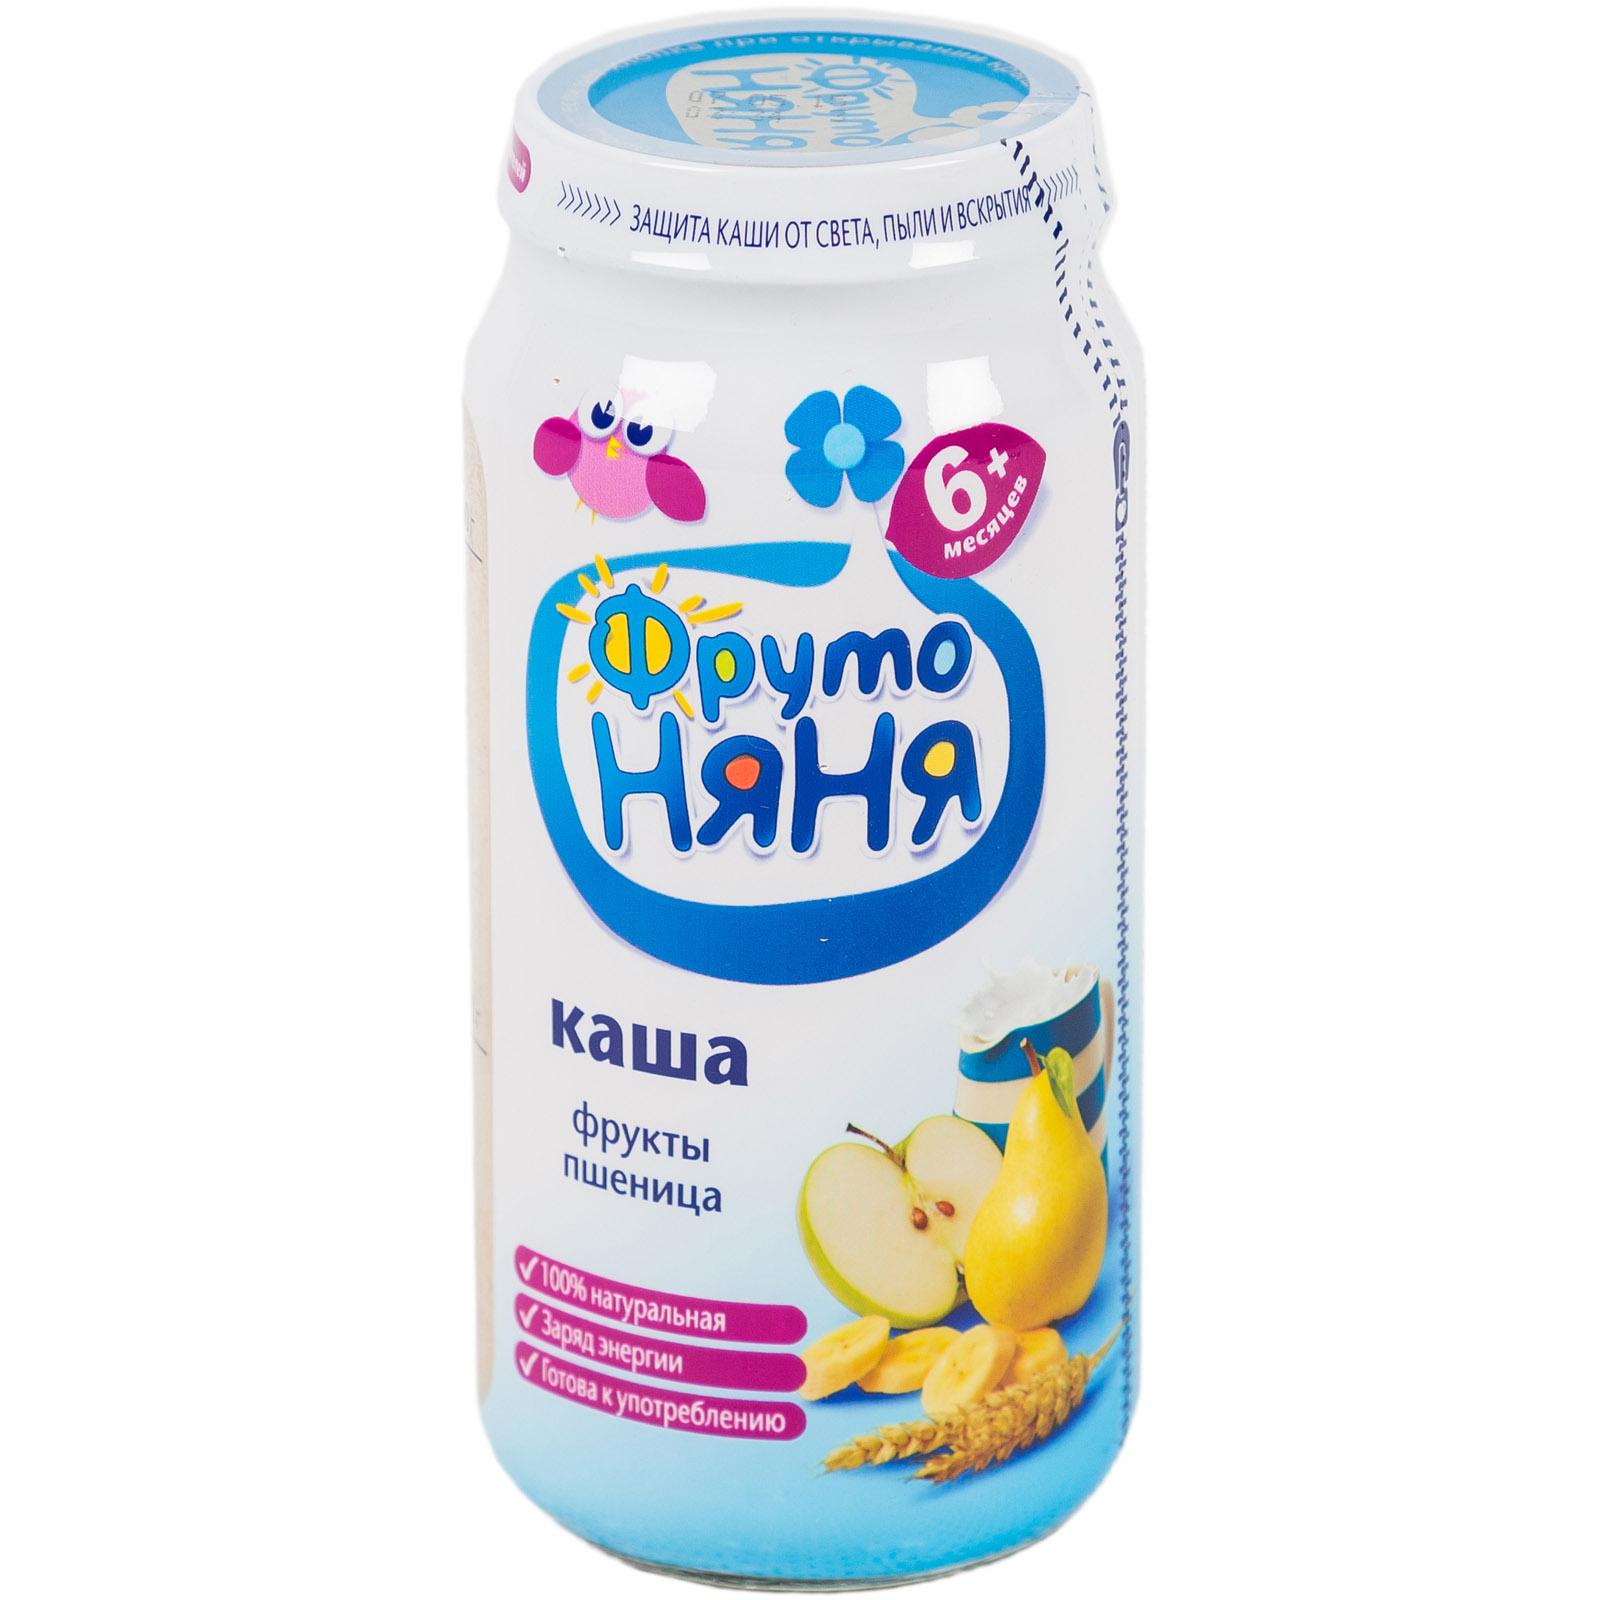 Каша Фрутоняня фруктовая 250гр Пшеничная с фруктами (с 6 мес)<br>